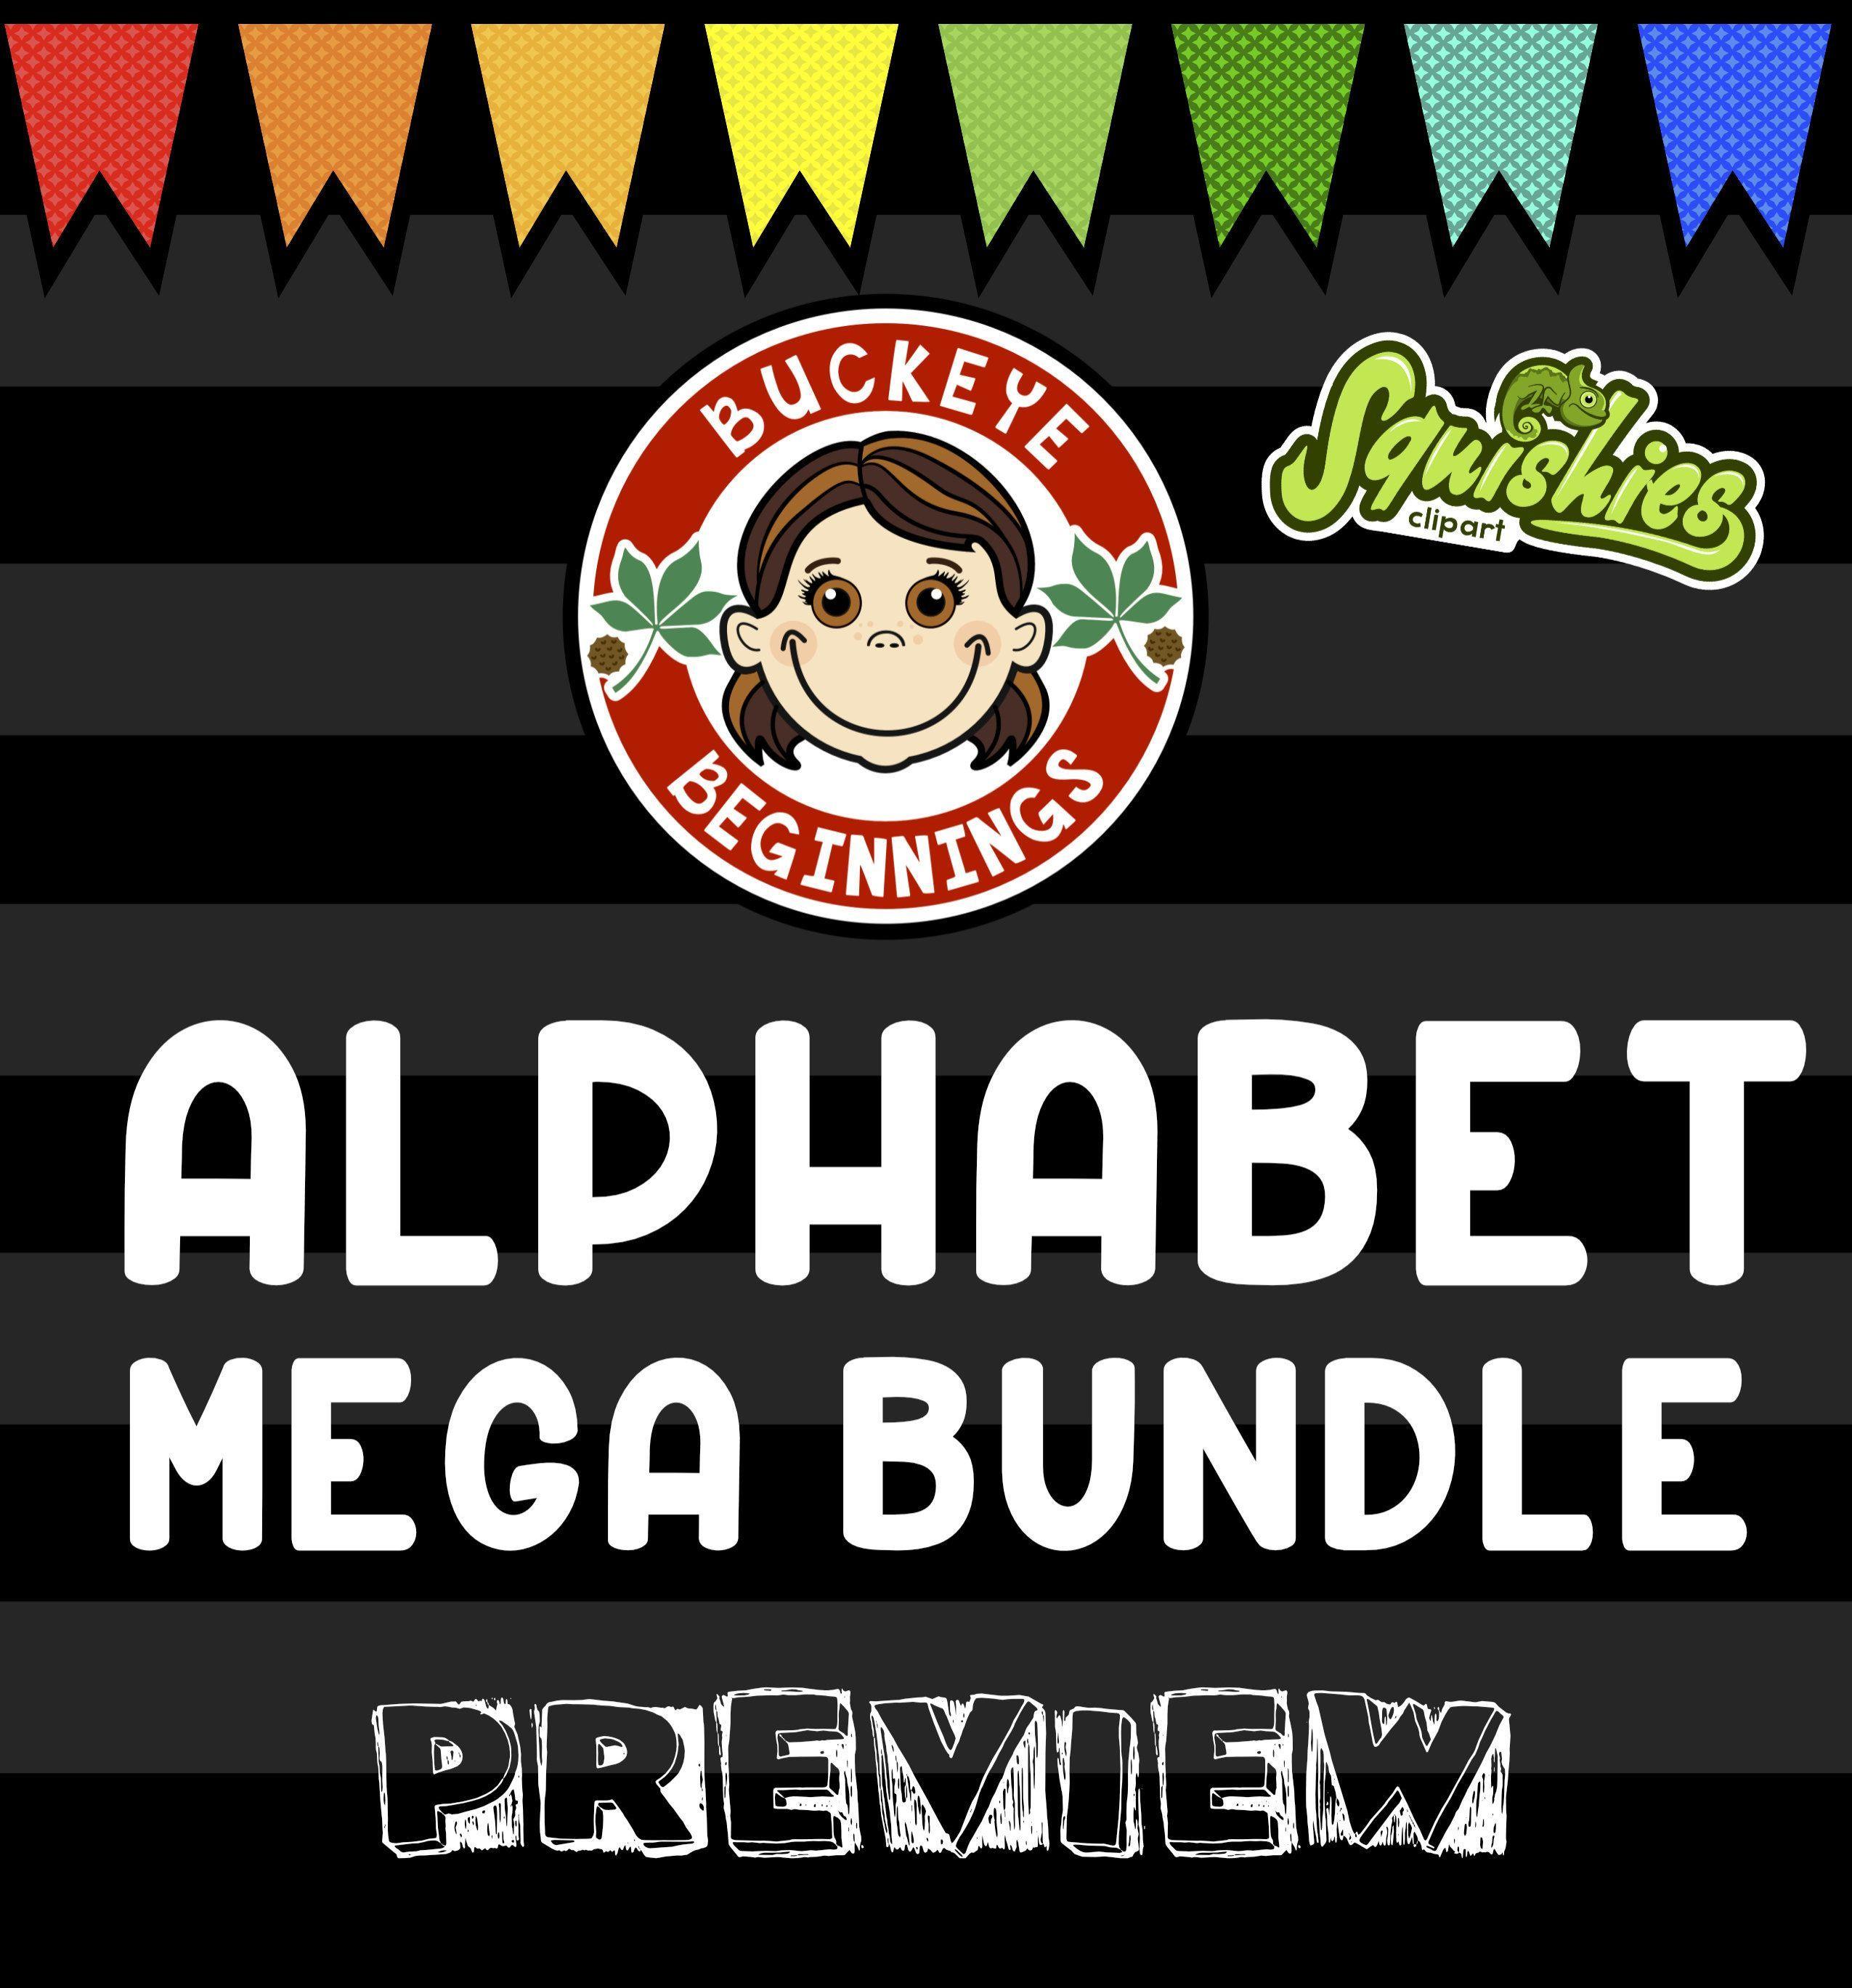 Centers clipart alphabet. Clip art mega bundle